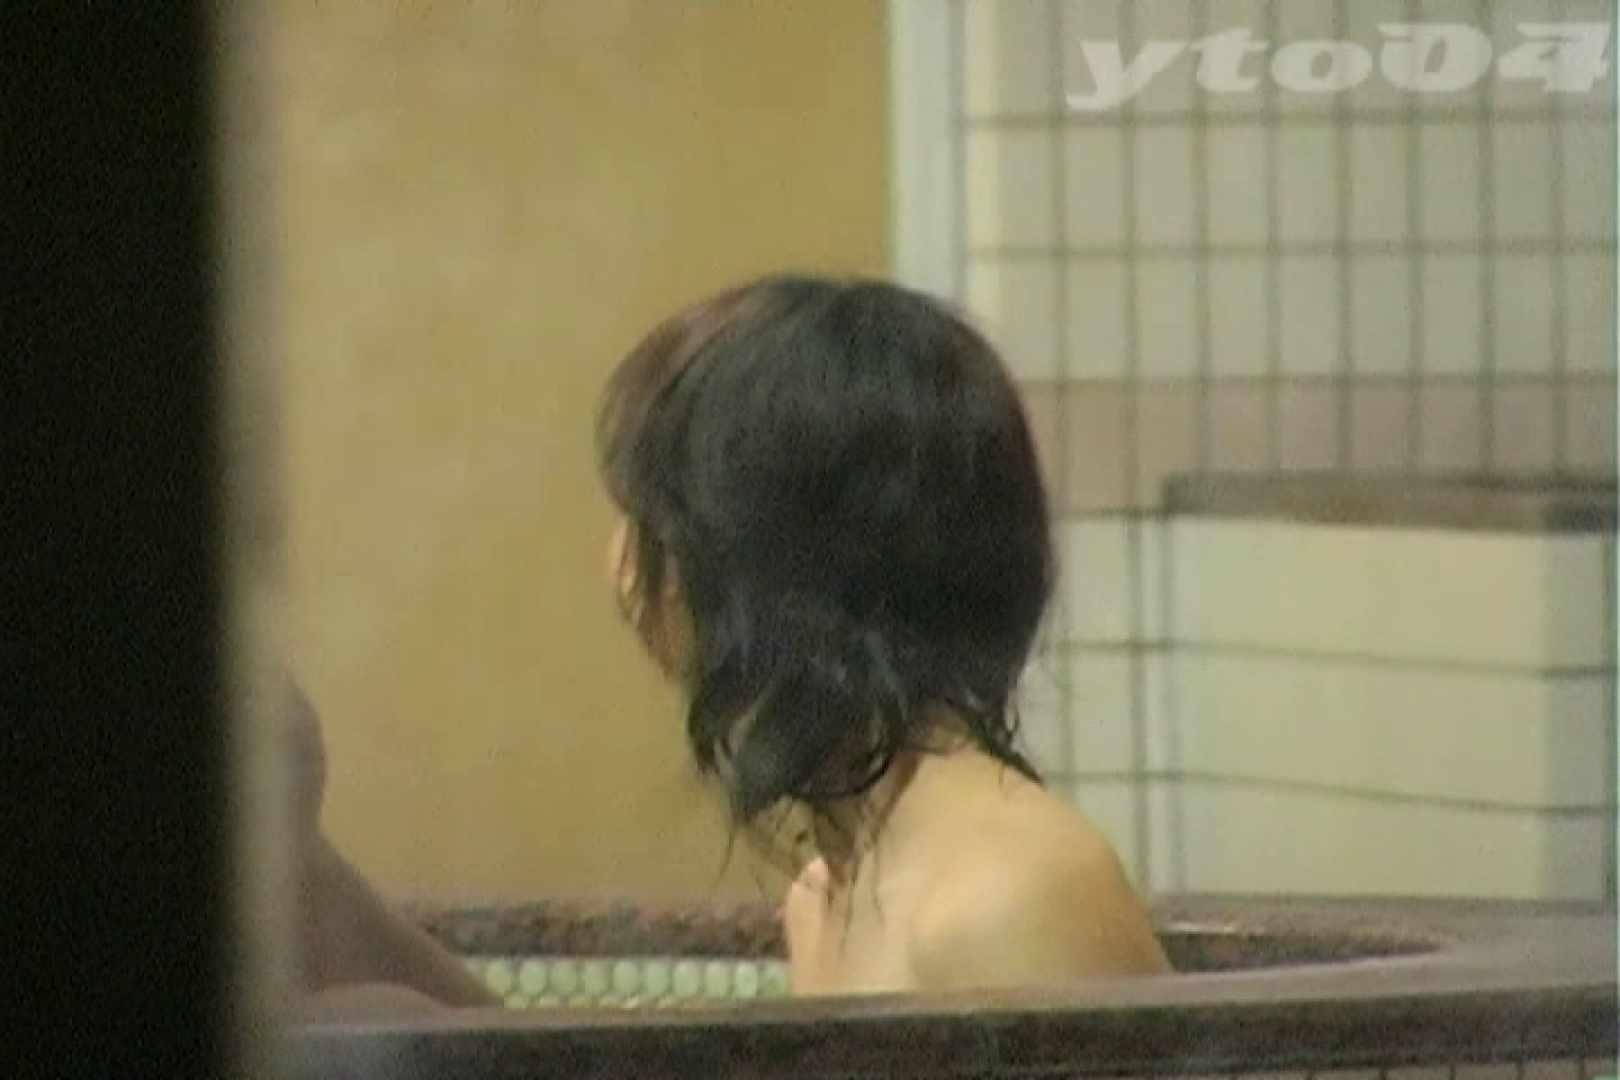 ▲復活限定▲合宿ホテル女風呂盗撮 Vol.24 合宿 AV動画キャプチャ 92枚 28